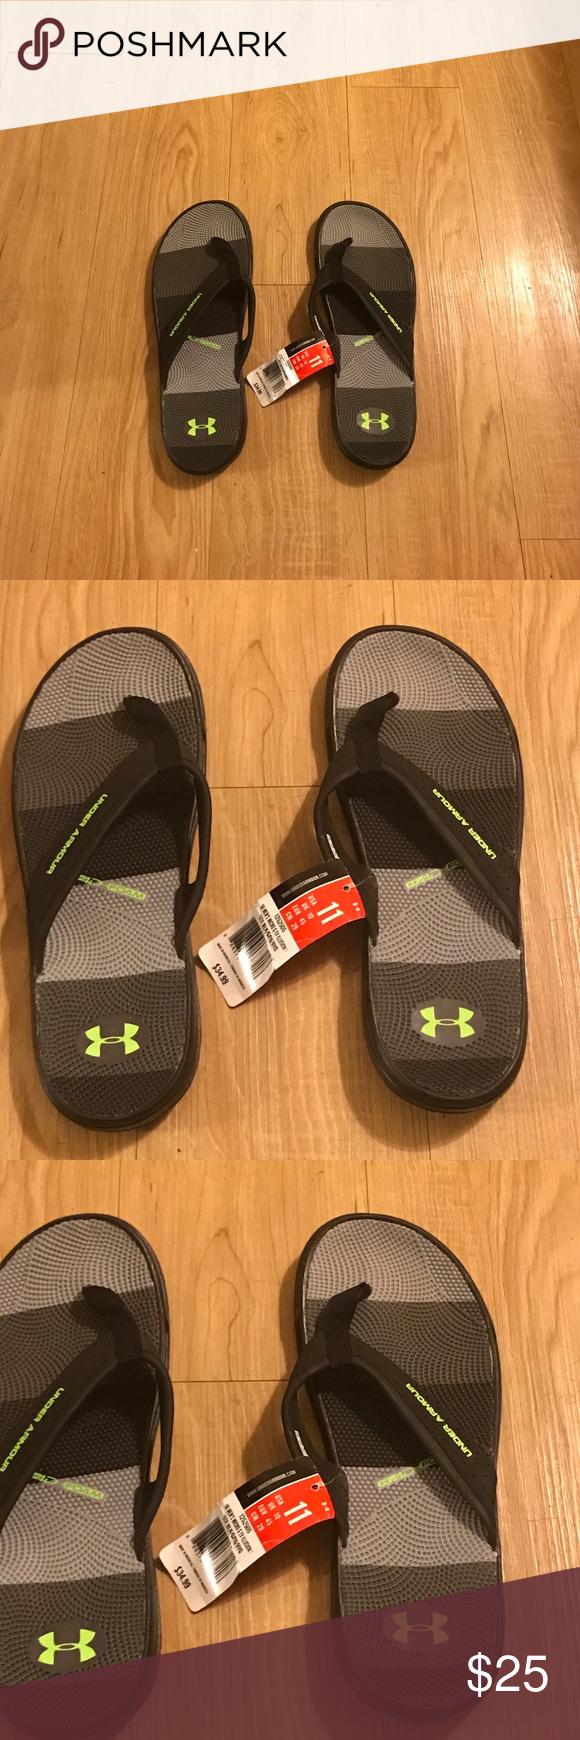 Men's Under Armour Flip Flops Men's Black,Grey and Green Under Amour Flip Flops Under Armour Shoes Sandals & Flip-Flops